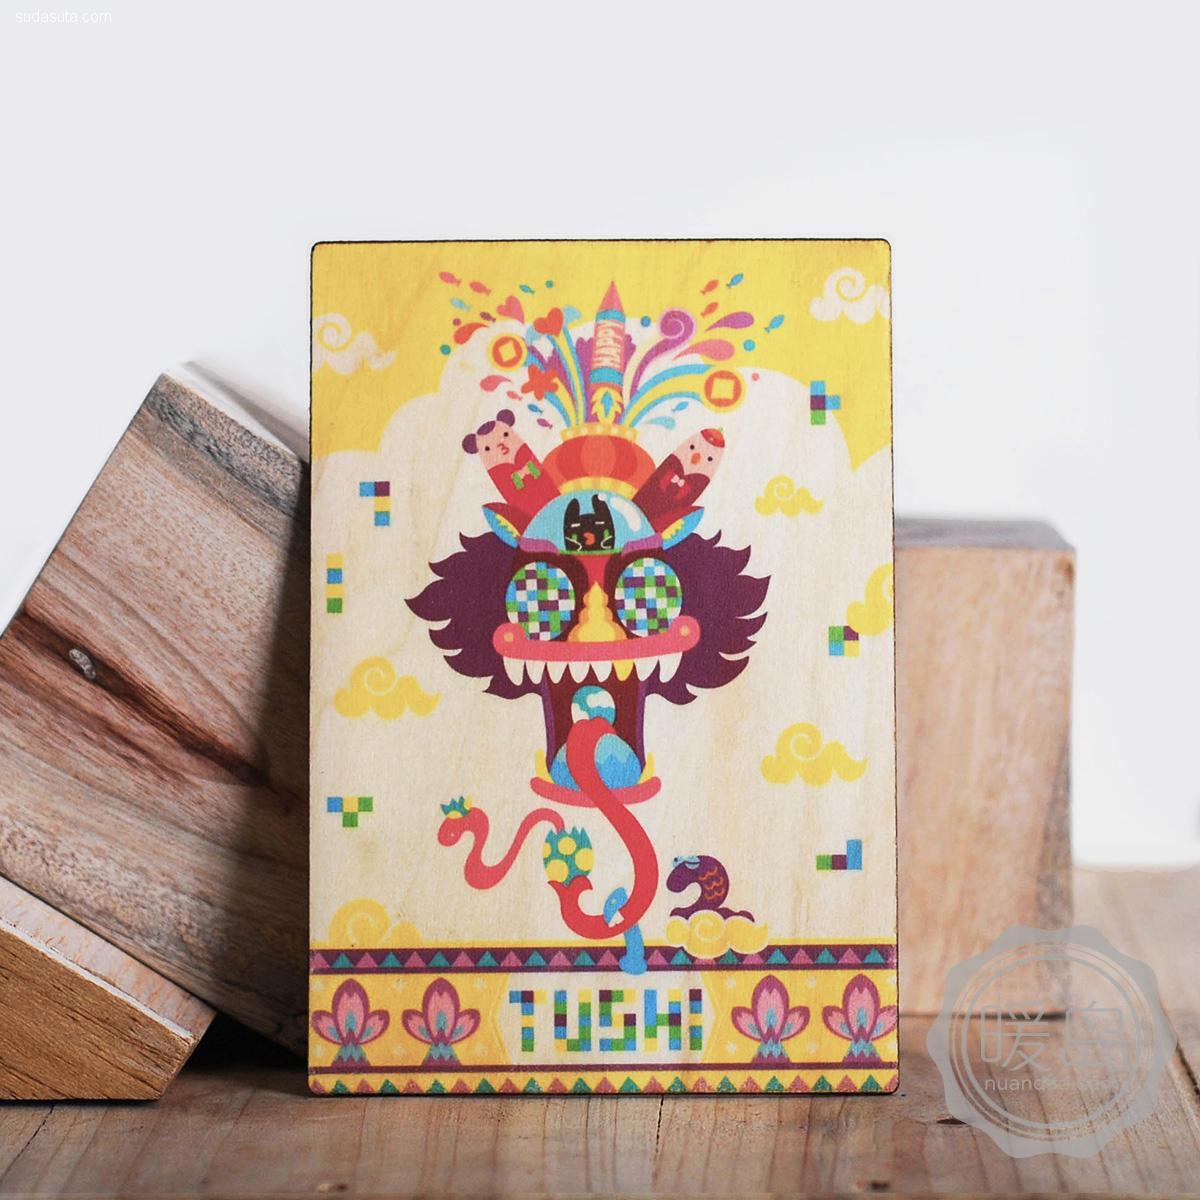 兔屎Tushi 独立设计品牌